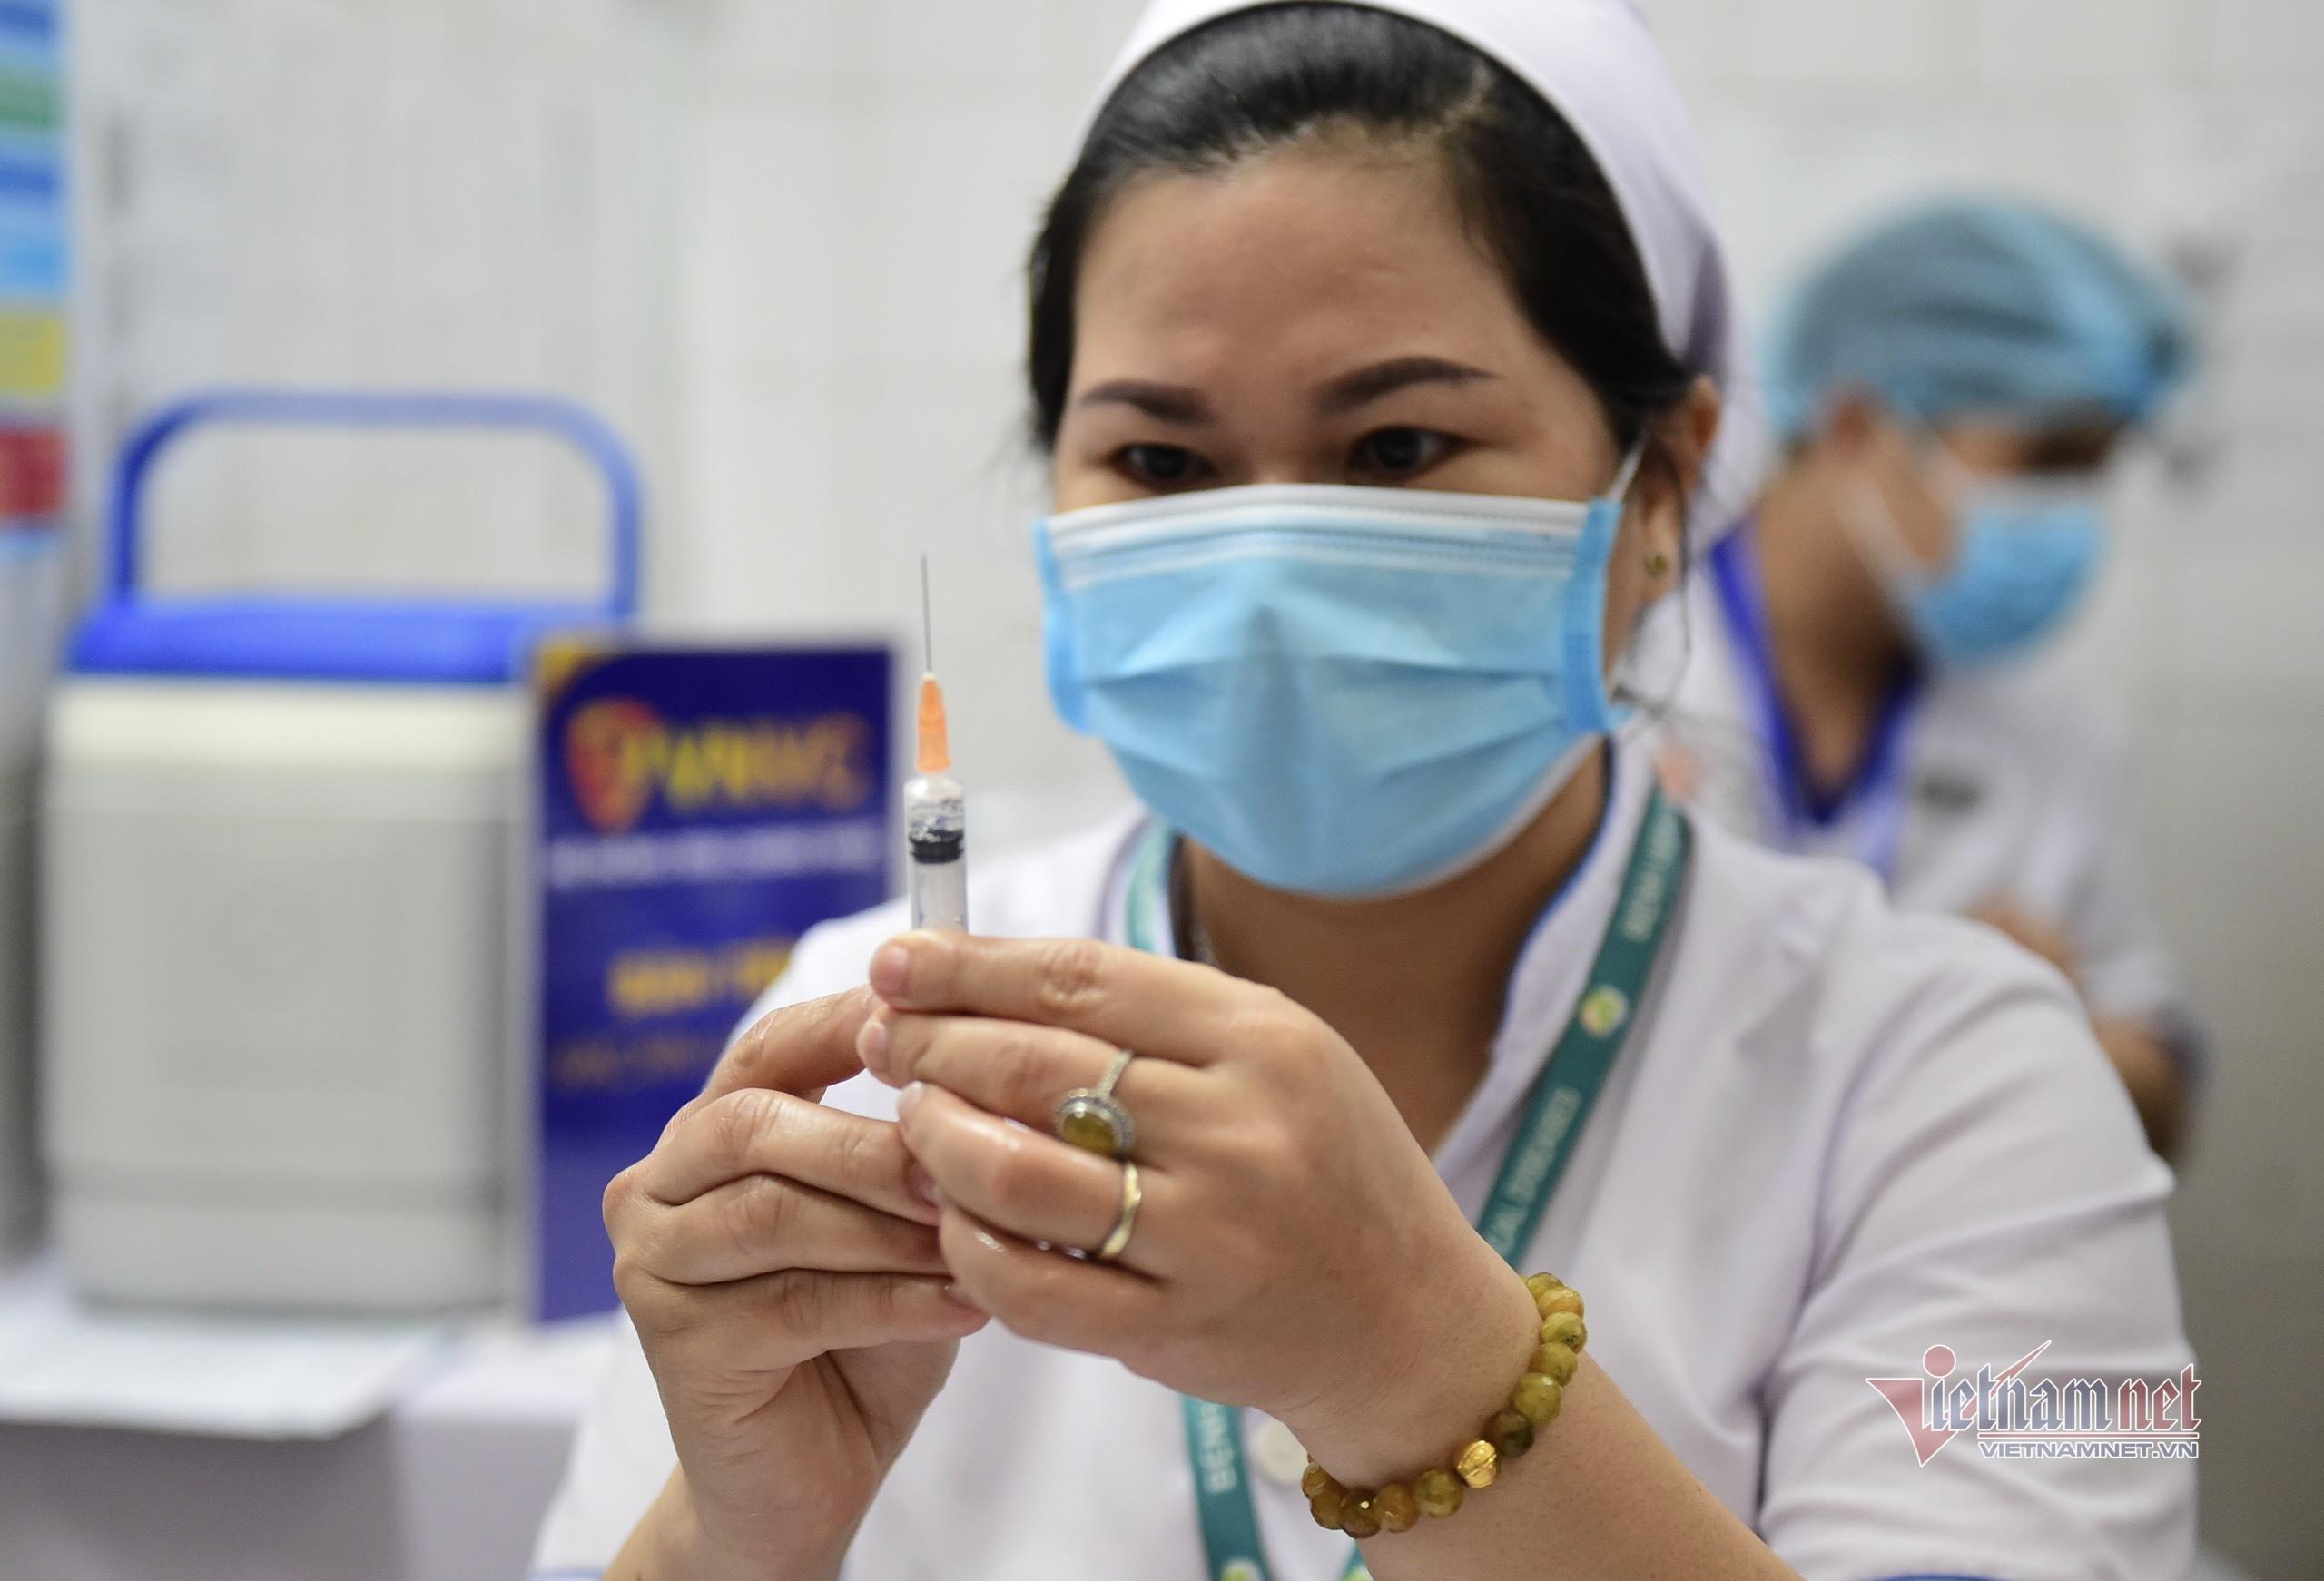 Thêm 4 người sốc phản vệ độ 2 sau tiêm vắc xin Covid-19 nhưng đã ổn định